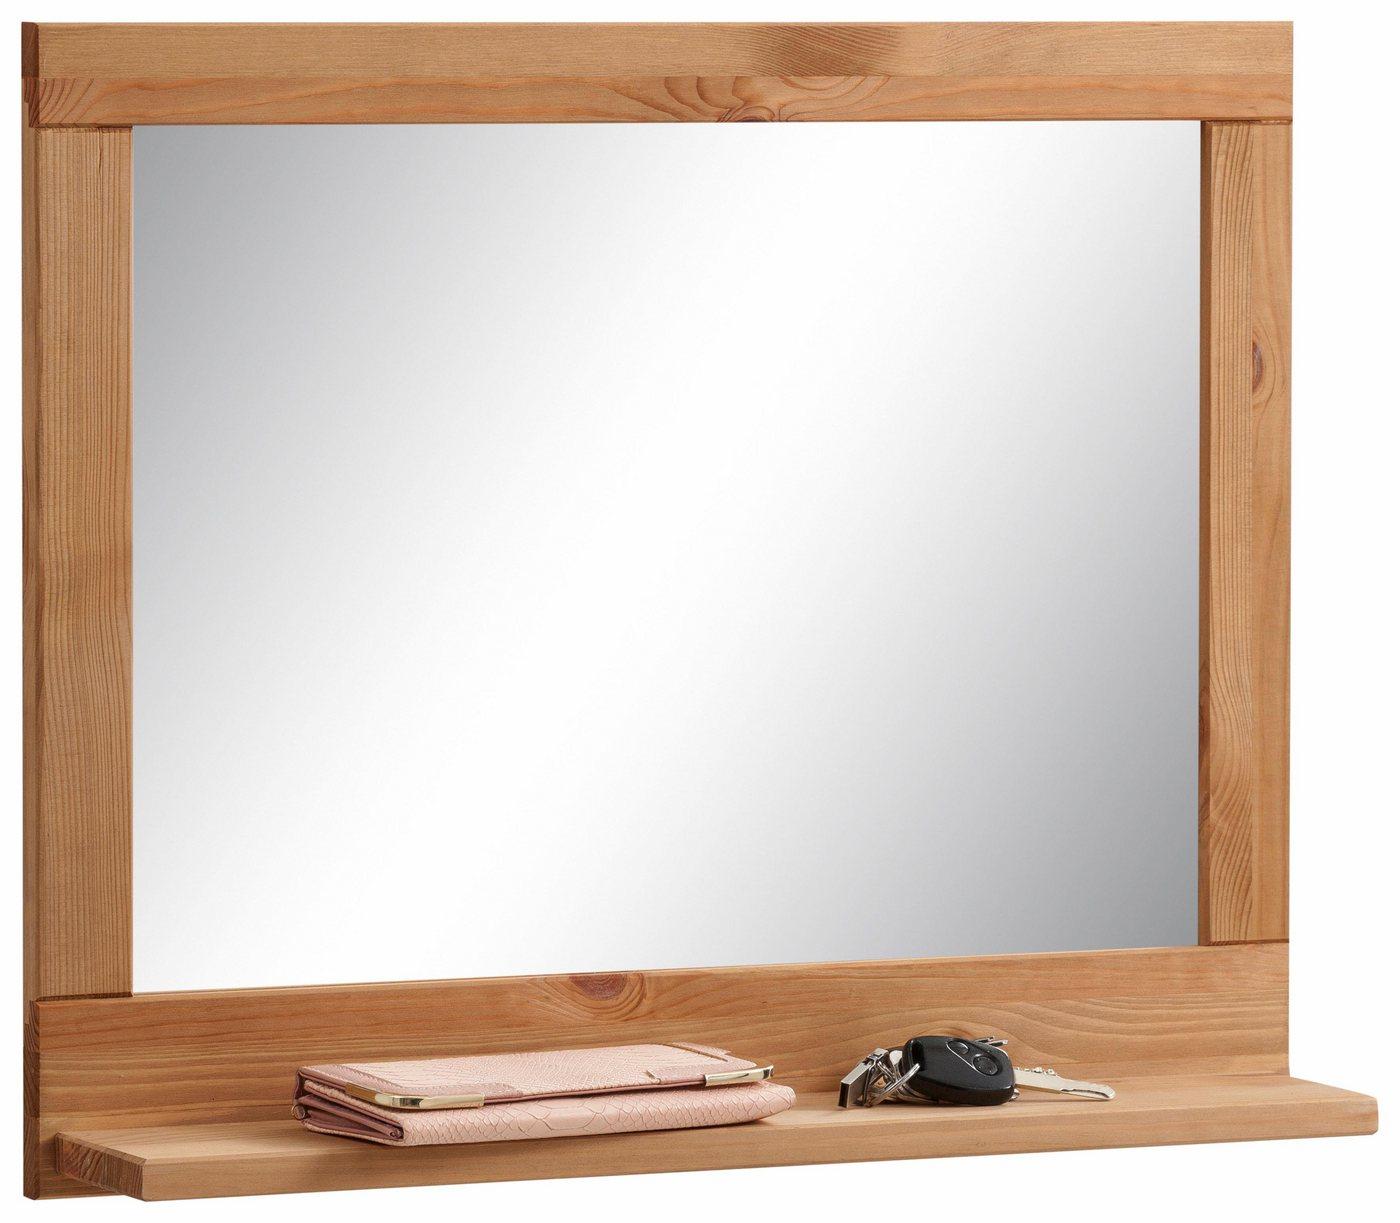 spiegel mit ablage preisvergleiche erfahrungsberichte. Black Bedroom Furniture Sets. Home Design Ideas